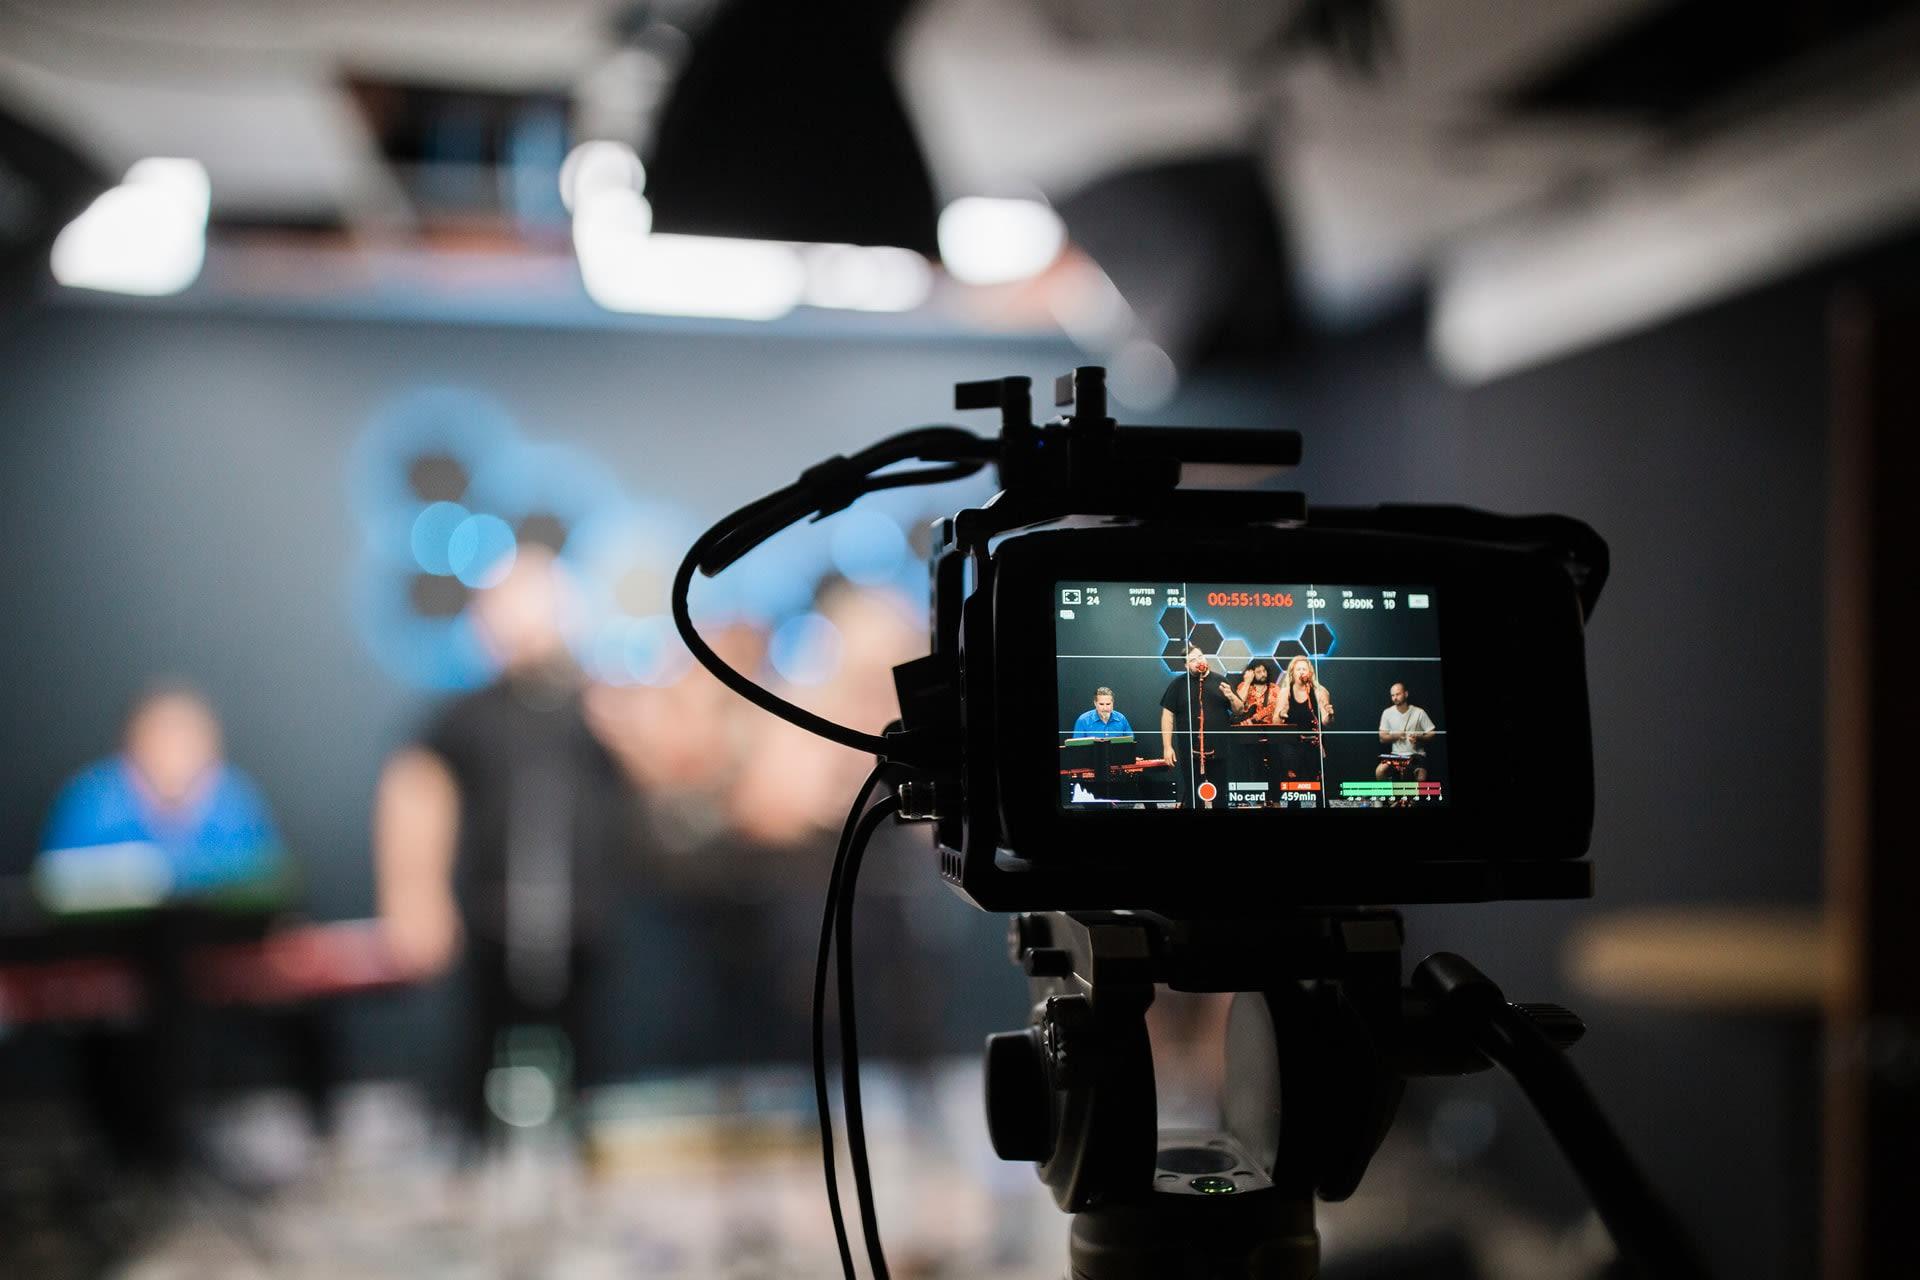 Live video is een super interactieve manier om te connecten met je potentiele klanten